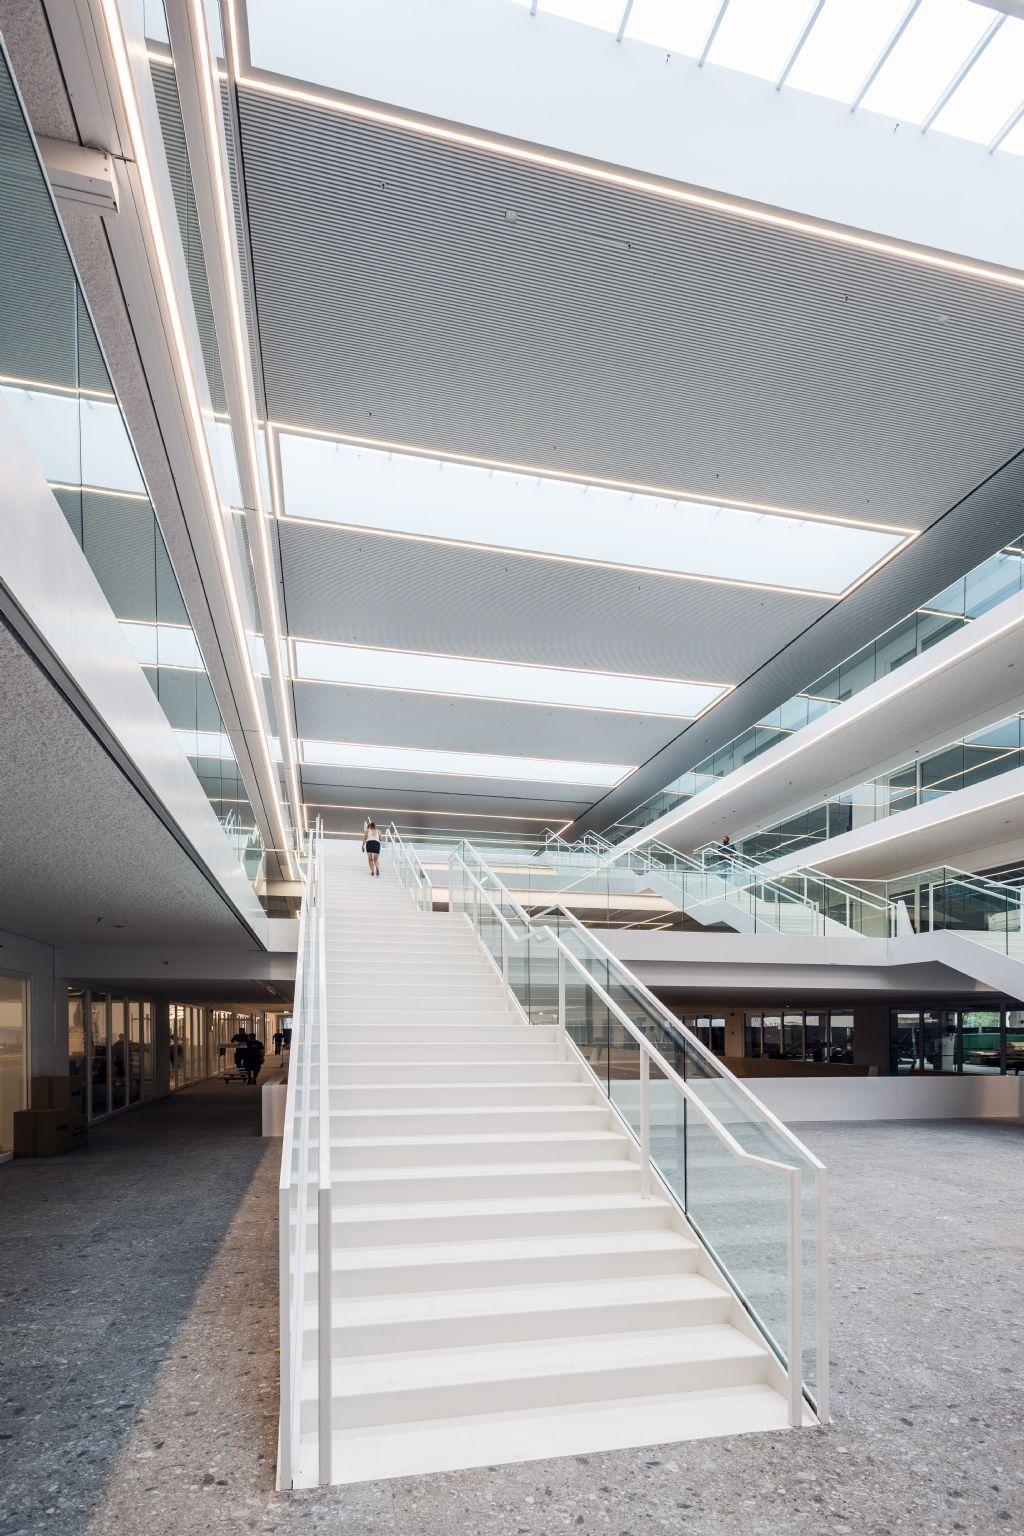 De heldere vormgeving versterkt het effect van de riante natuurlijke lichtinval, net als de open zichtlijnen die zich overal in het gebouw manifesteren.